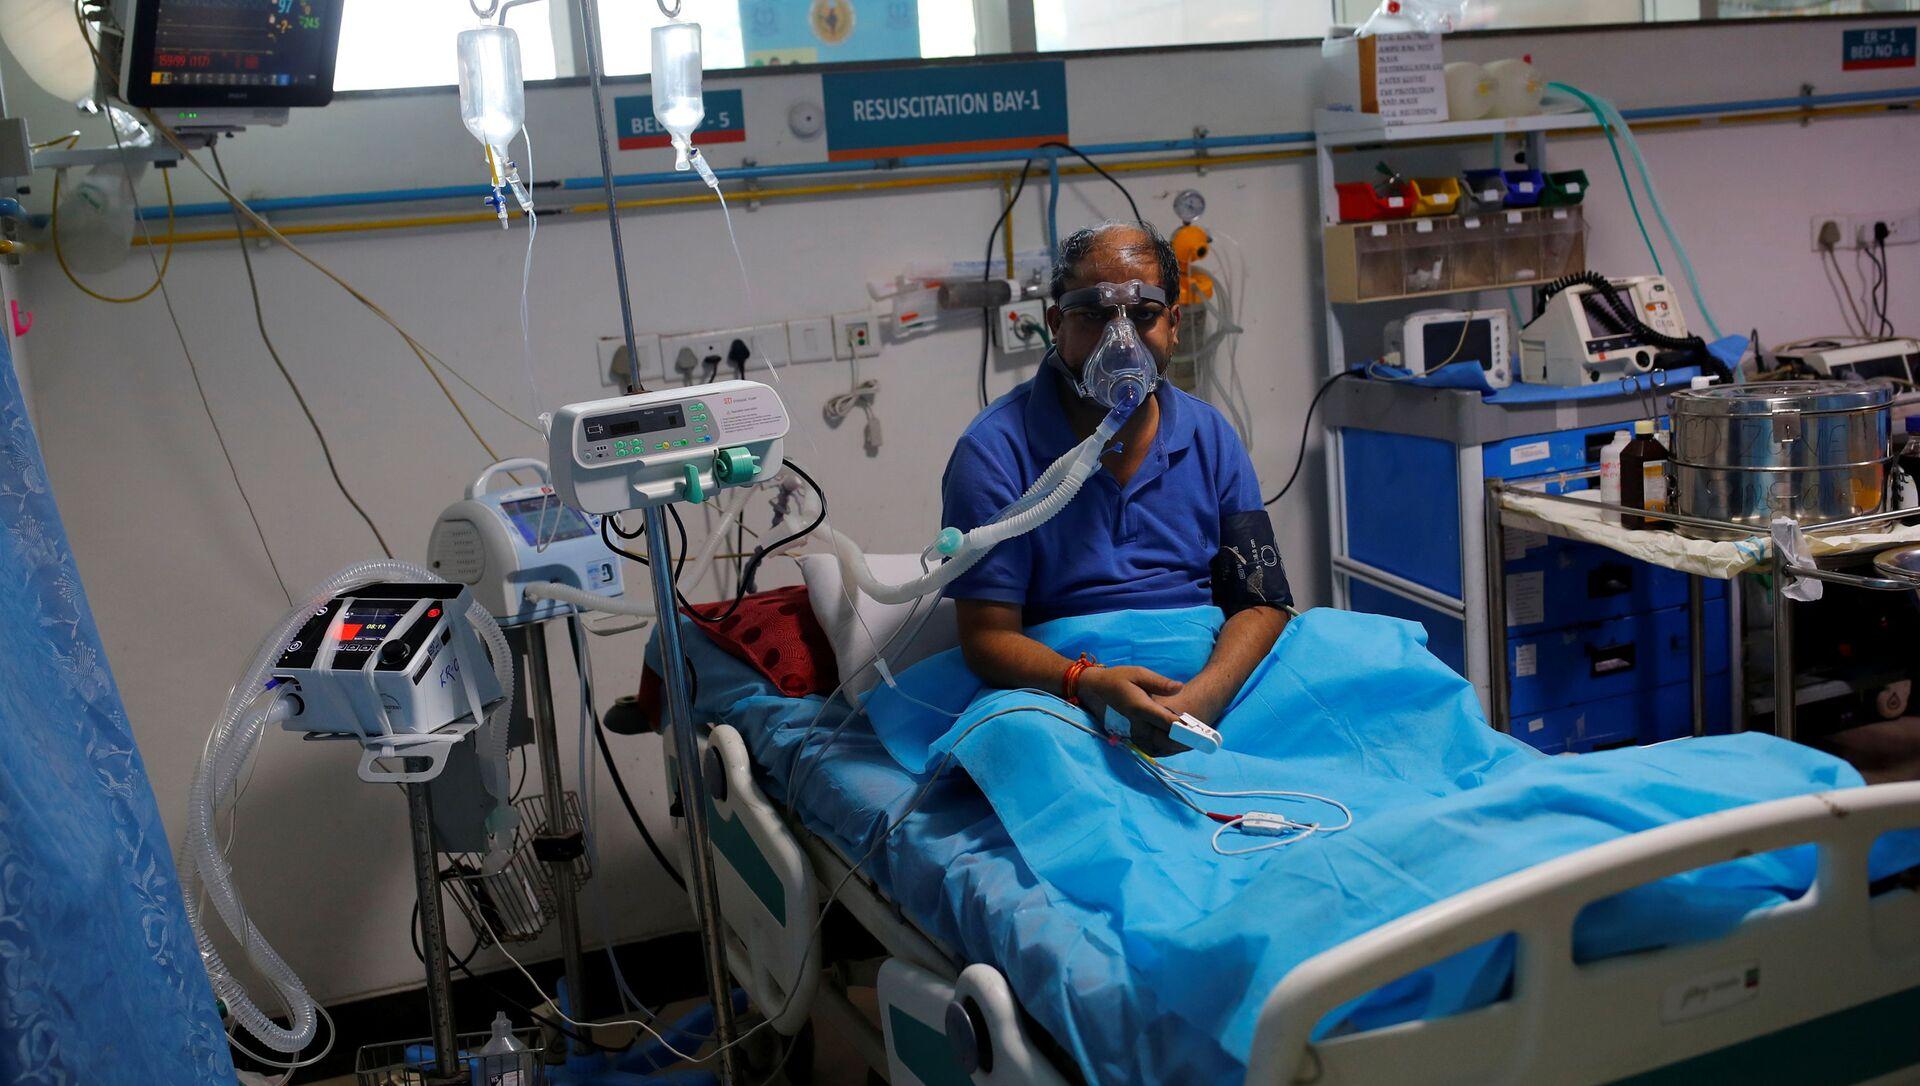 Bệnh nhận bị nhiễm coronavirus ở Ấn Độ - Sputnik Việt Nam, 1920, 10.05.2021